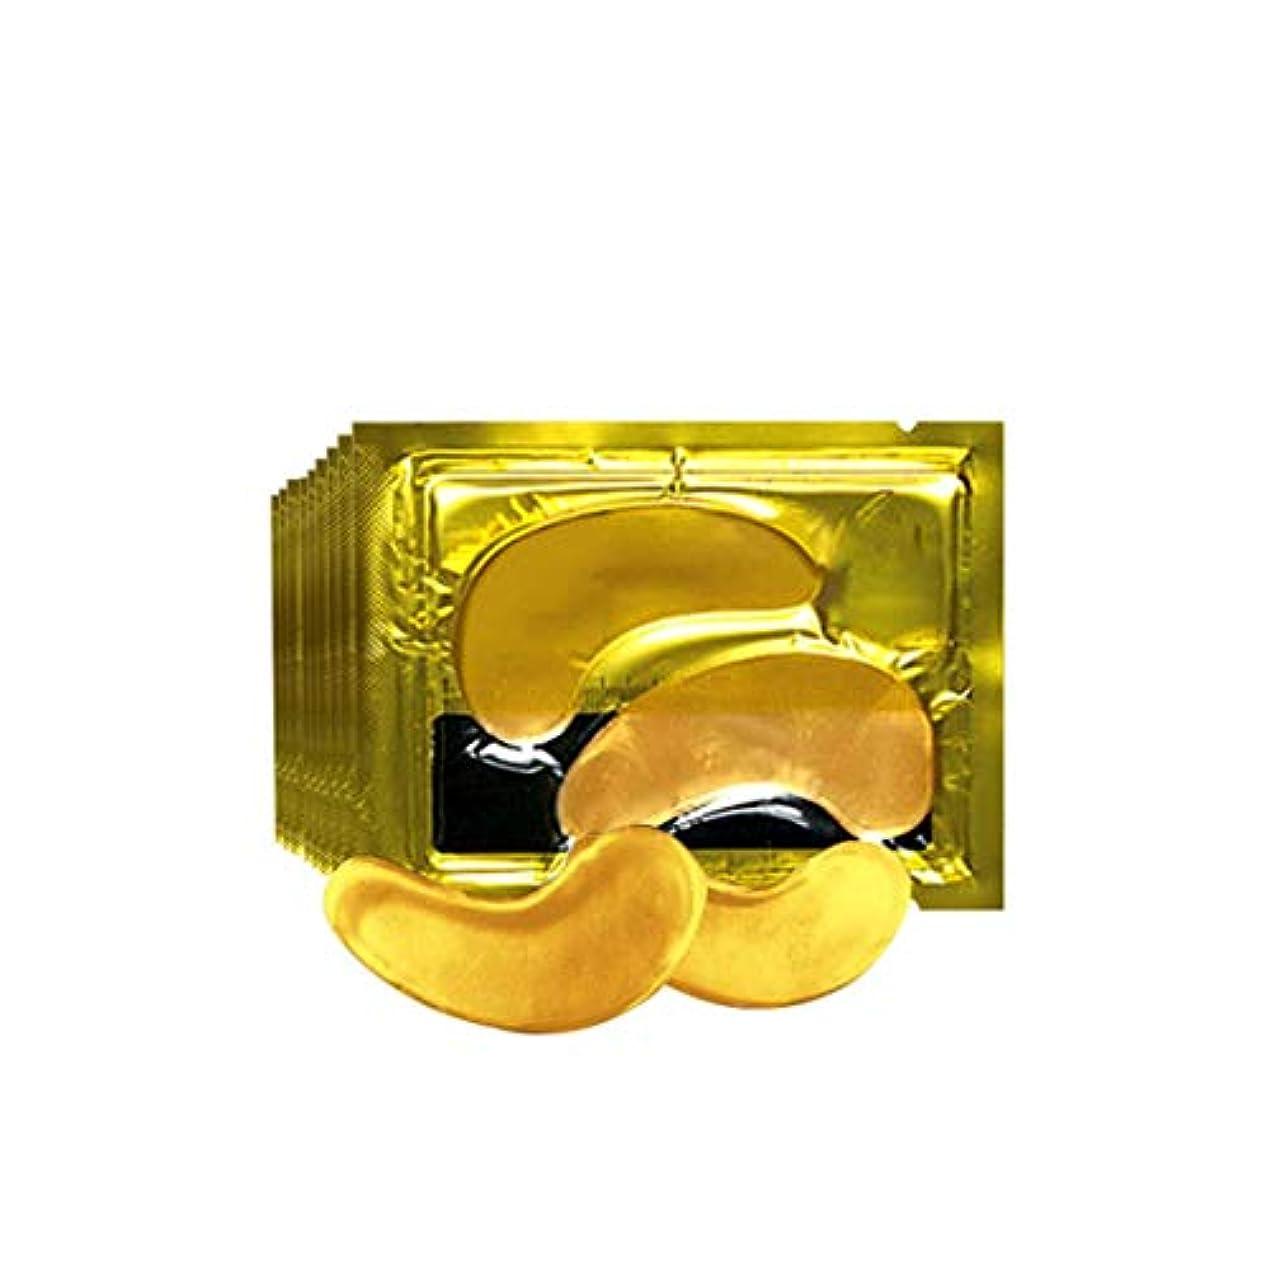 請求関与する回路24Kアイマスク削除ダークサークルアンチシワ保湿アンチエイジングアンチパフアイバッグビューティファーミングアイマスク - イエロー